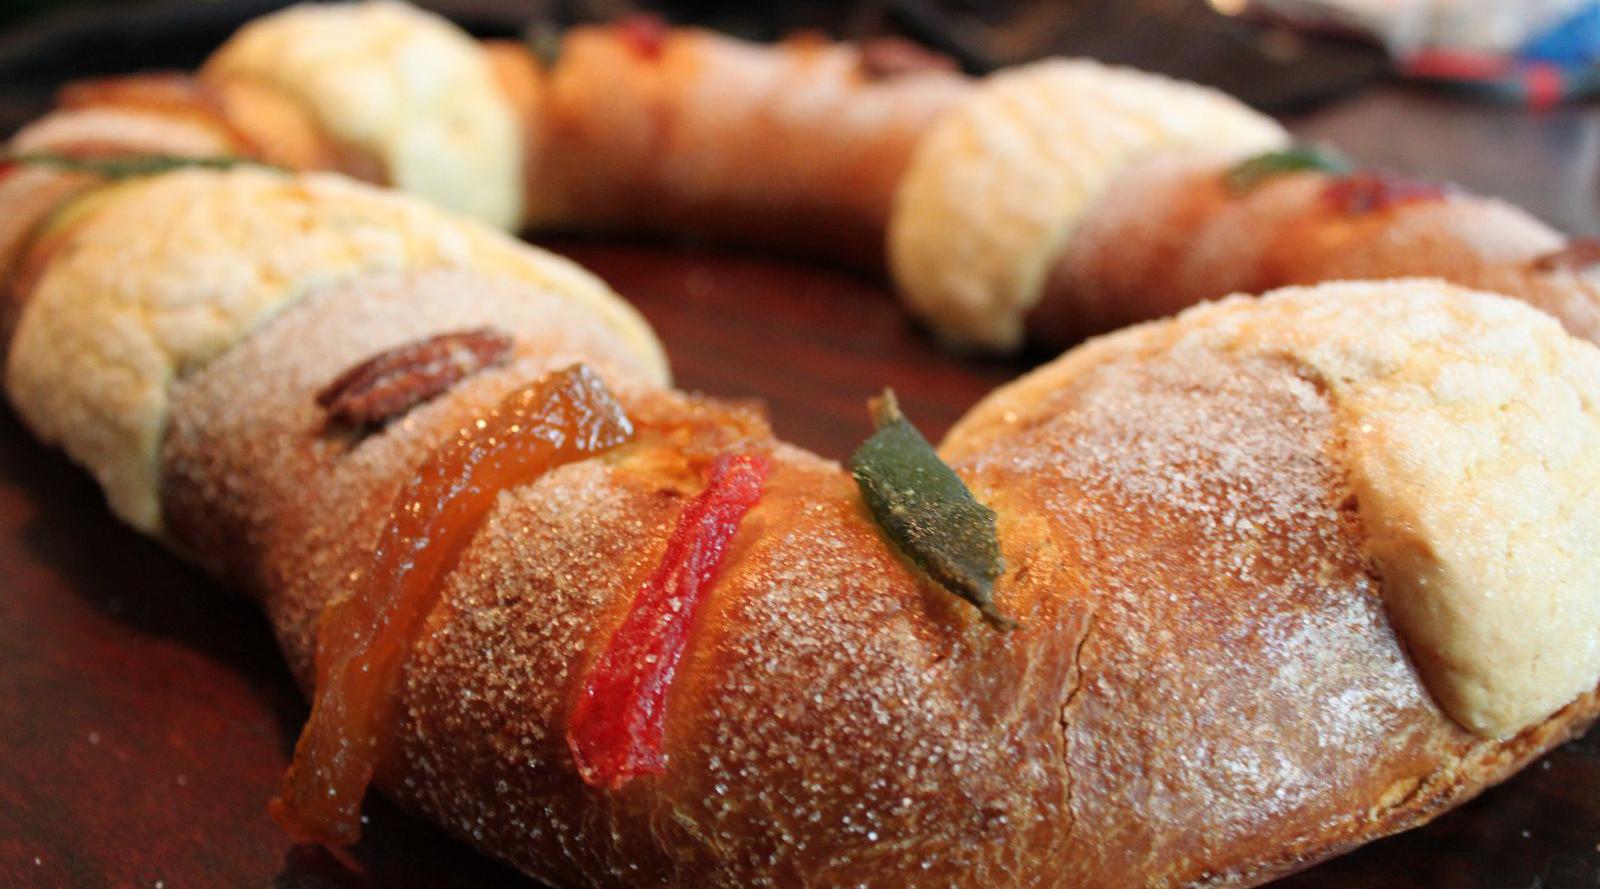 Panadería Pancracia